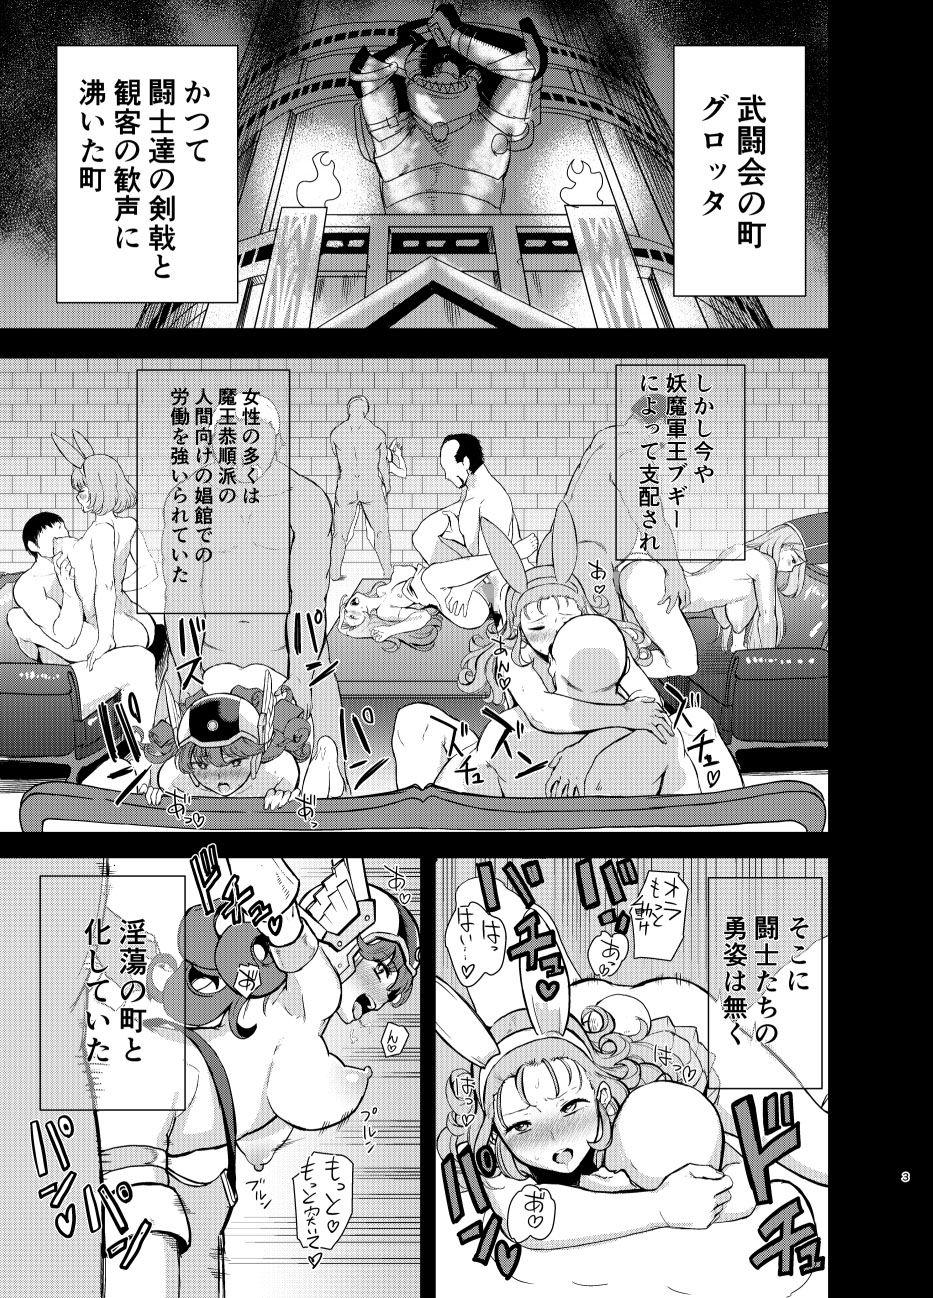 グロッタの娼姫【同人エロ漫画】DOLL PLAY/黒巣ガタリ バニーのマルティナ1